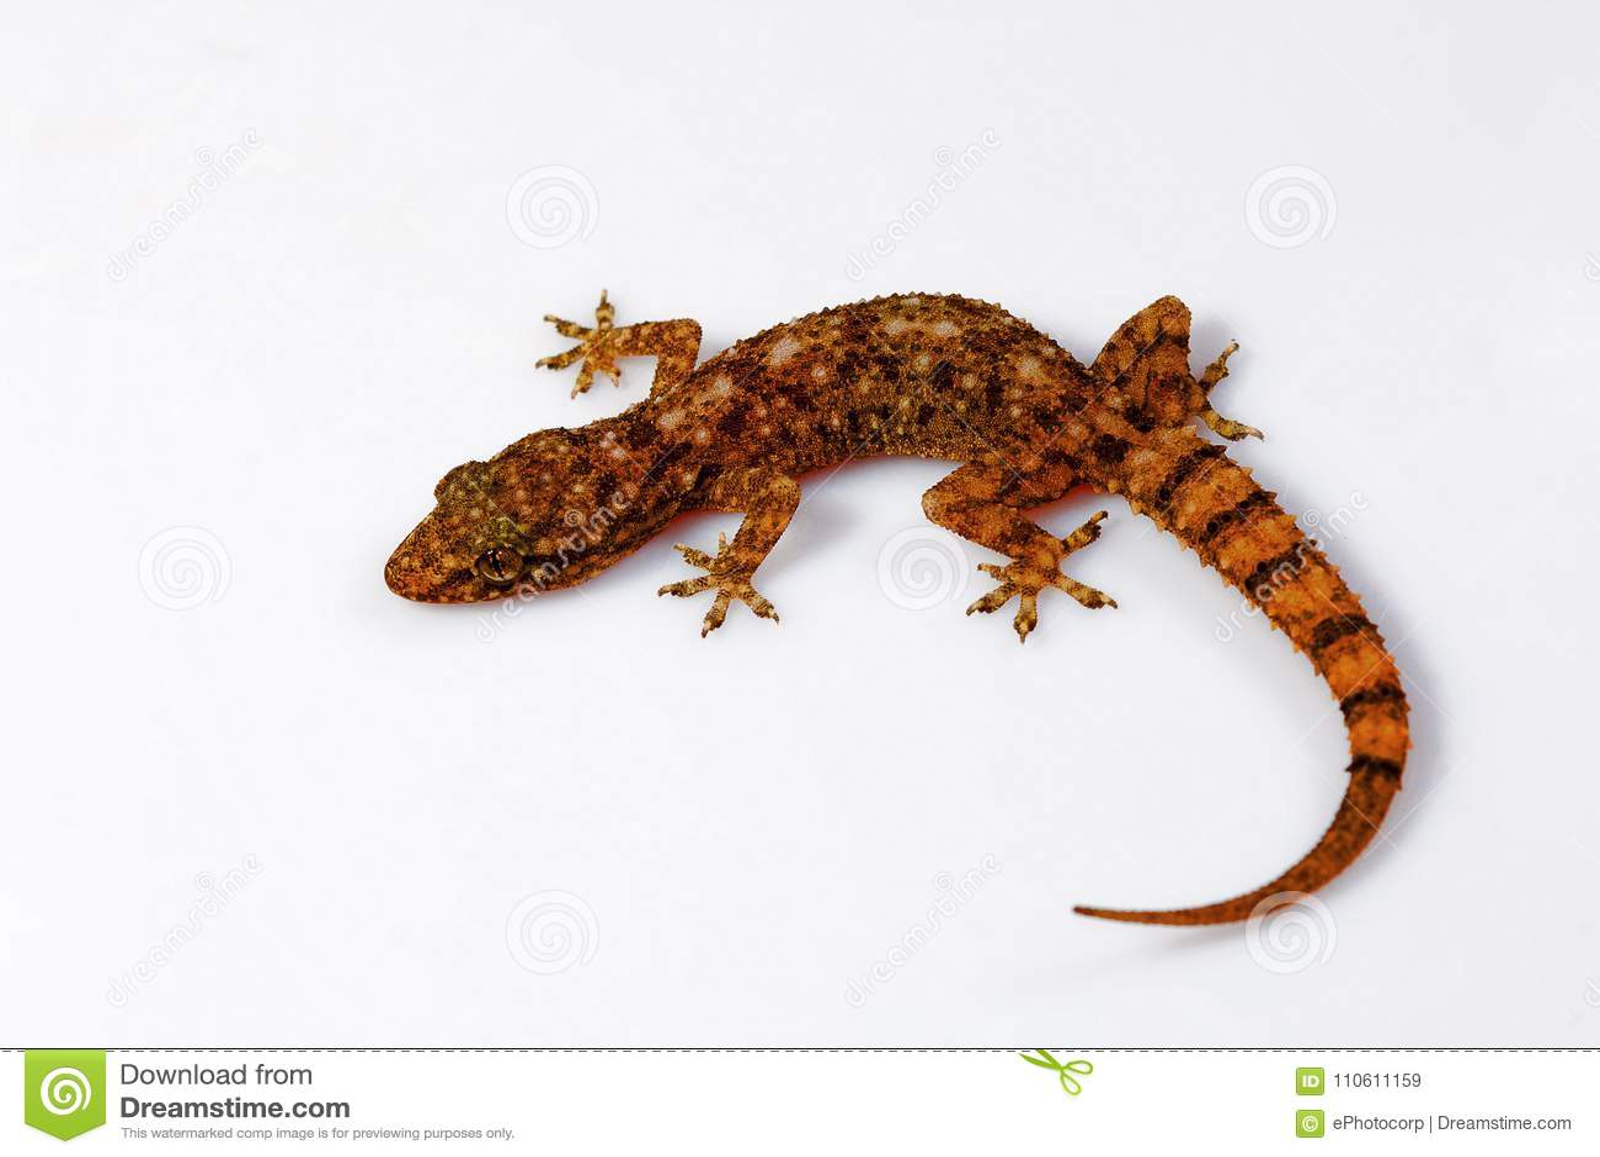 La feuille a botté le gecko avec la pointe du pied, parvimaculatus de Hemidactylus, Udanti Tiger Reserve, Chhattisgarh